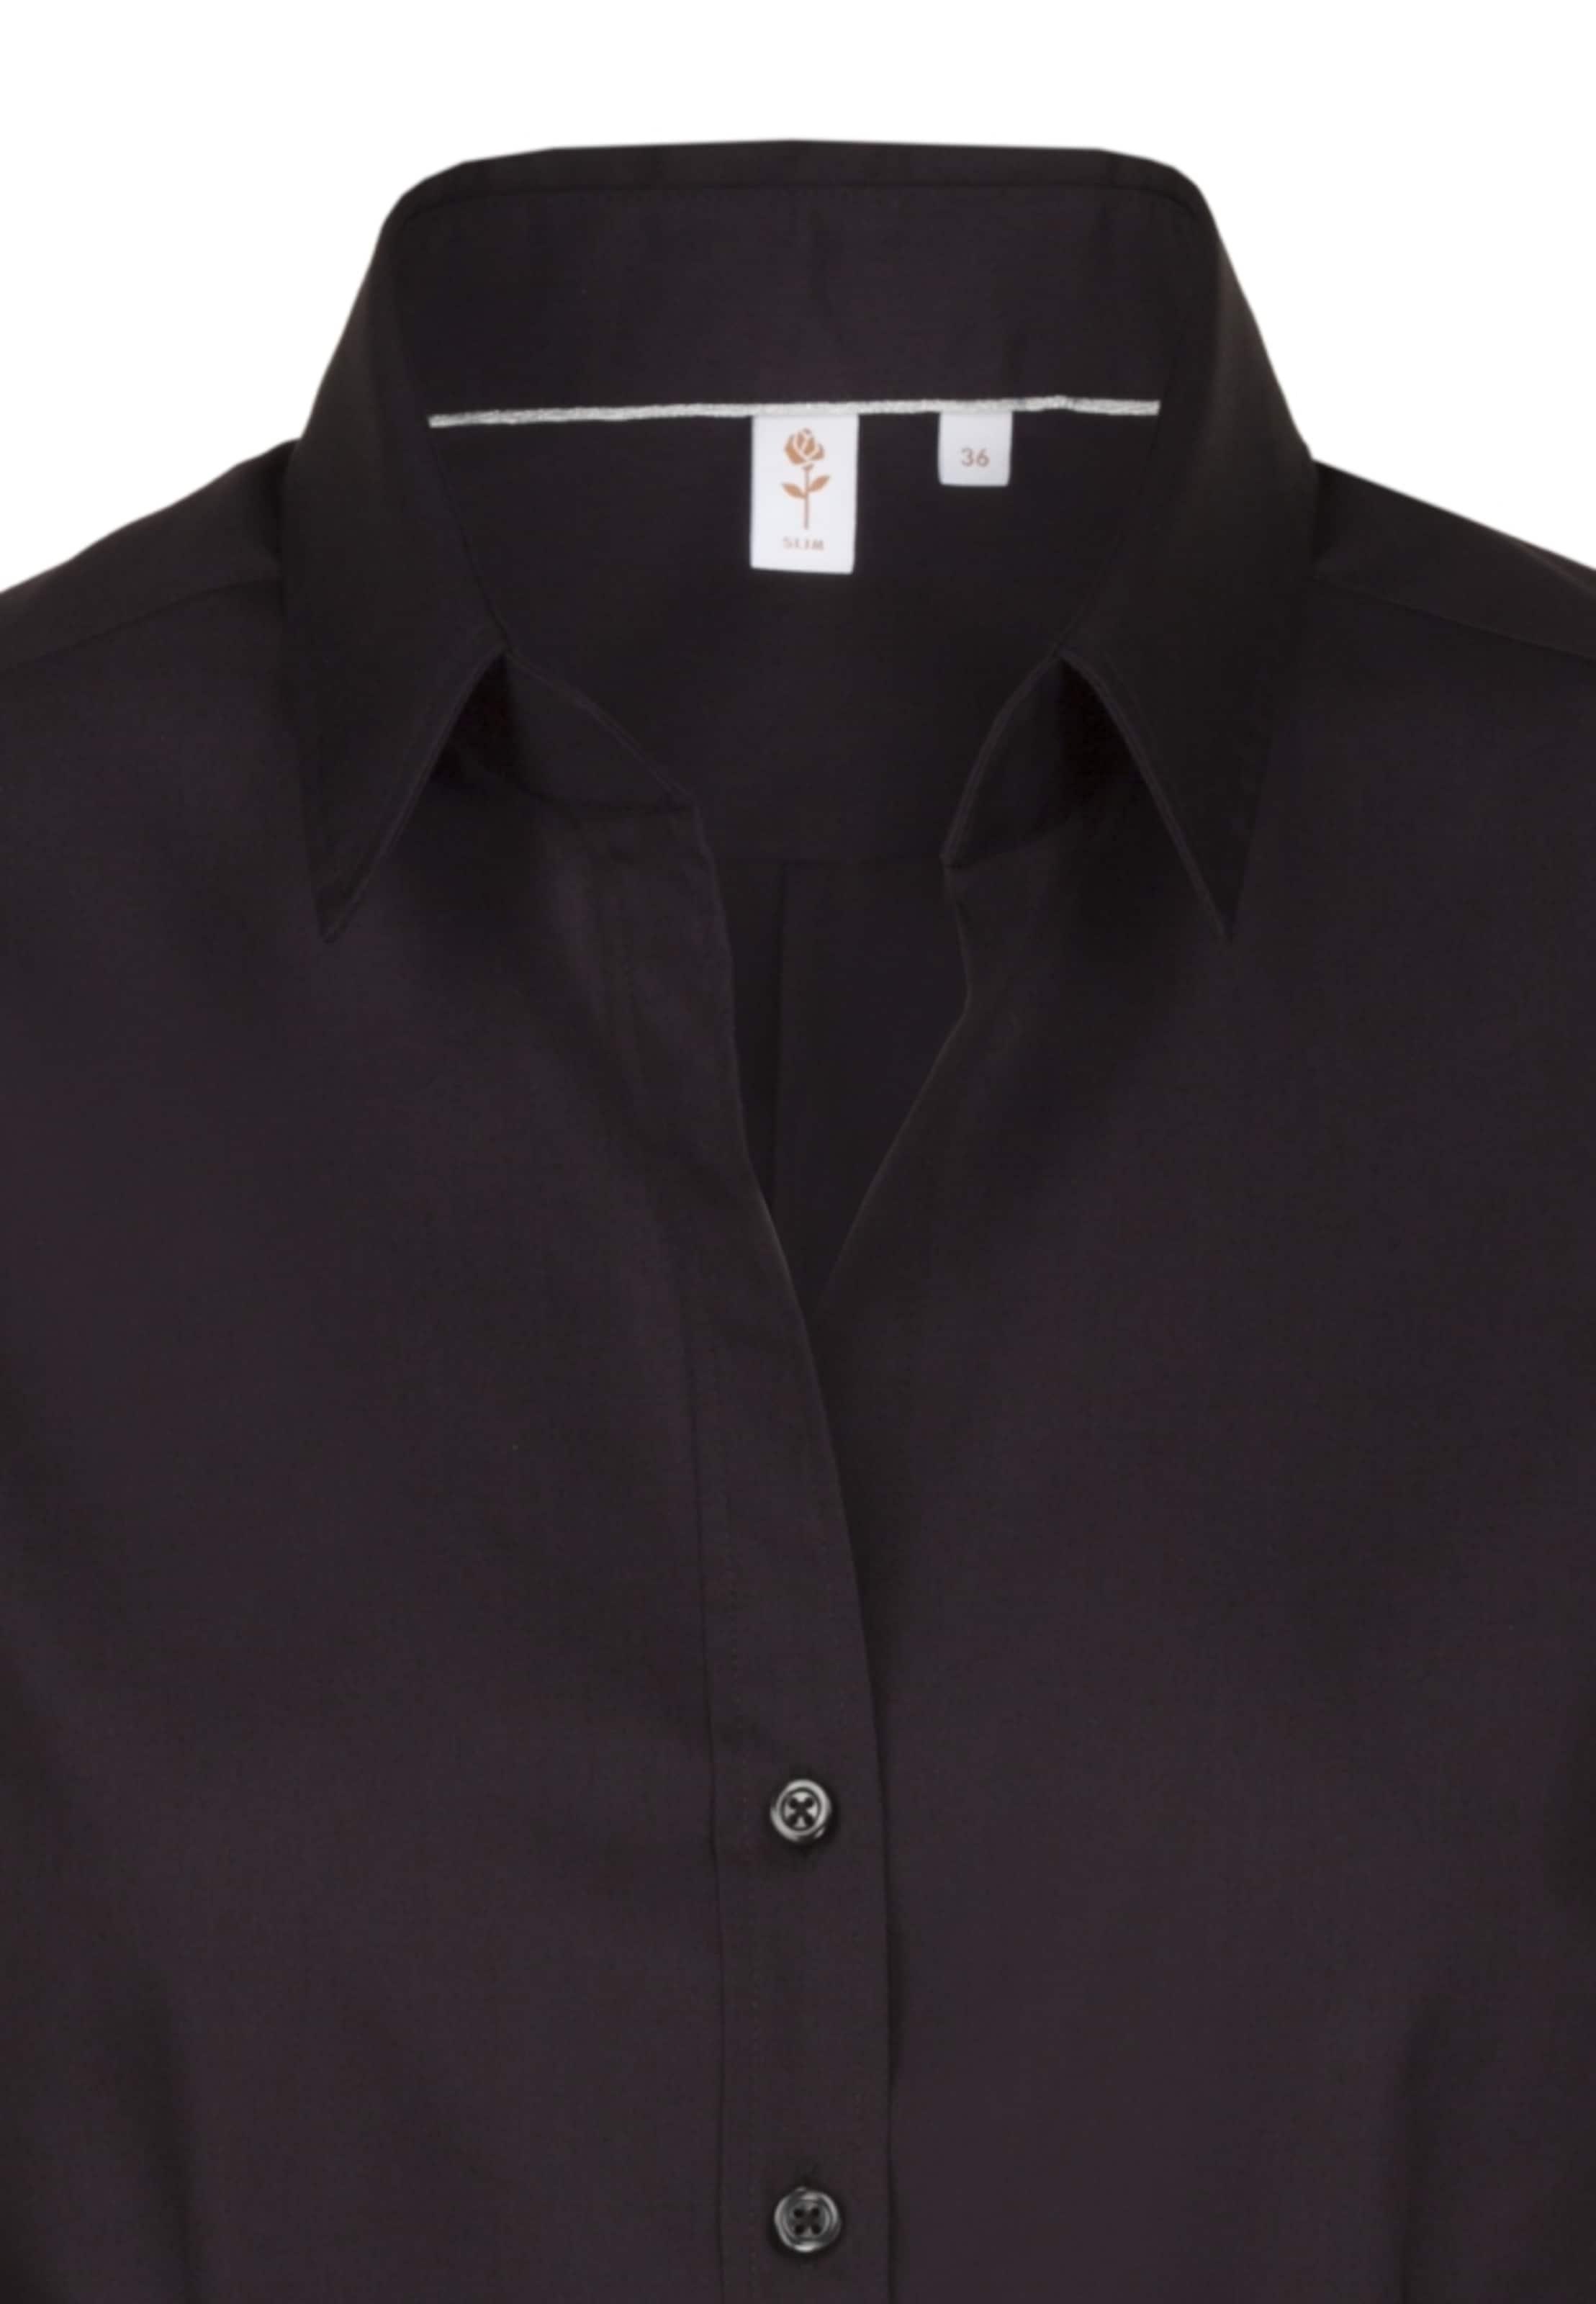 SEIDENSTICKER City-Bluse 'Schwarze Rose' Bester Großhandelsverkauf Online Extrem Online Rabatt Verkauf Online Großhandel WMZEfM61V